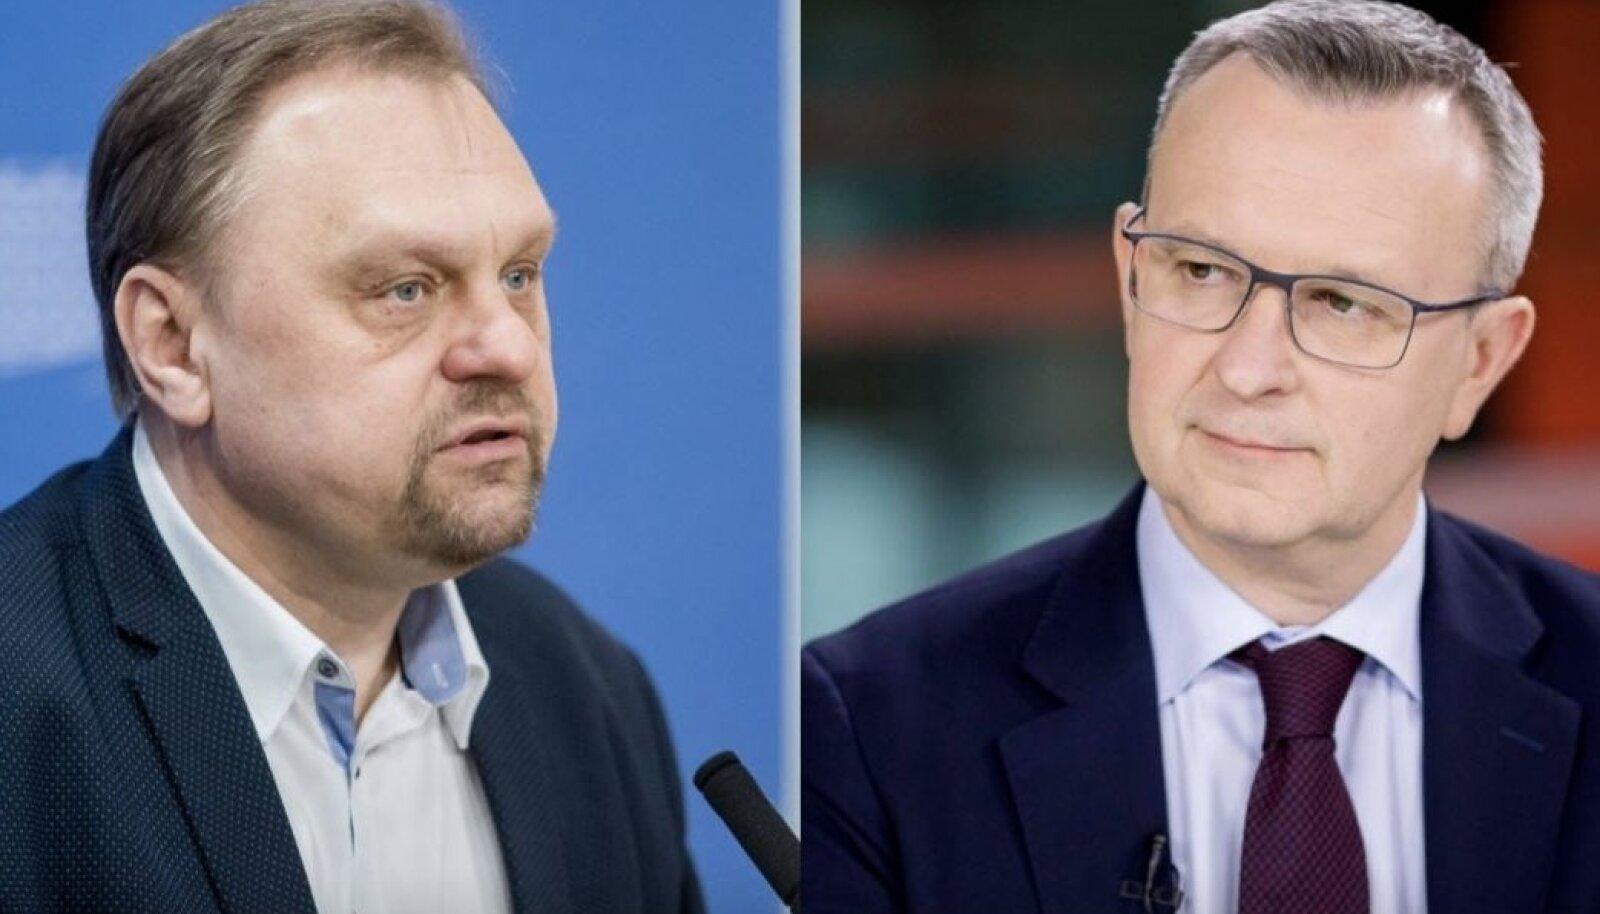 Leedu ettevõtjate keskliidu president Valdas Sutkus ja pangaliidu president Mantas Zalatorius.